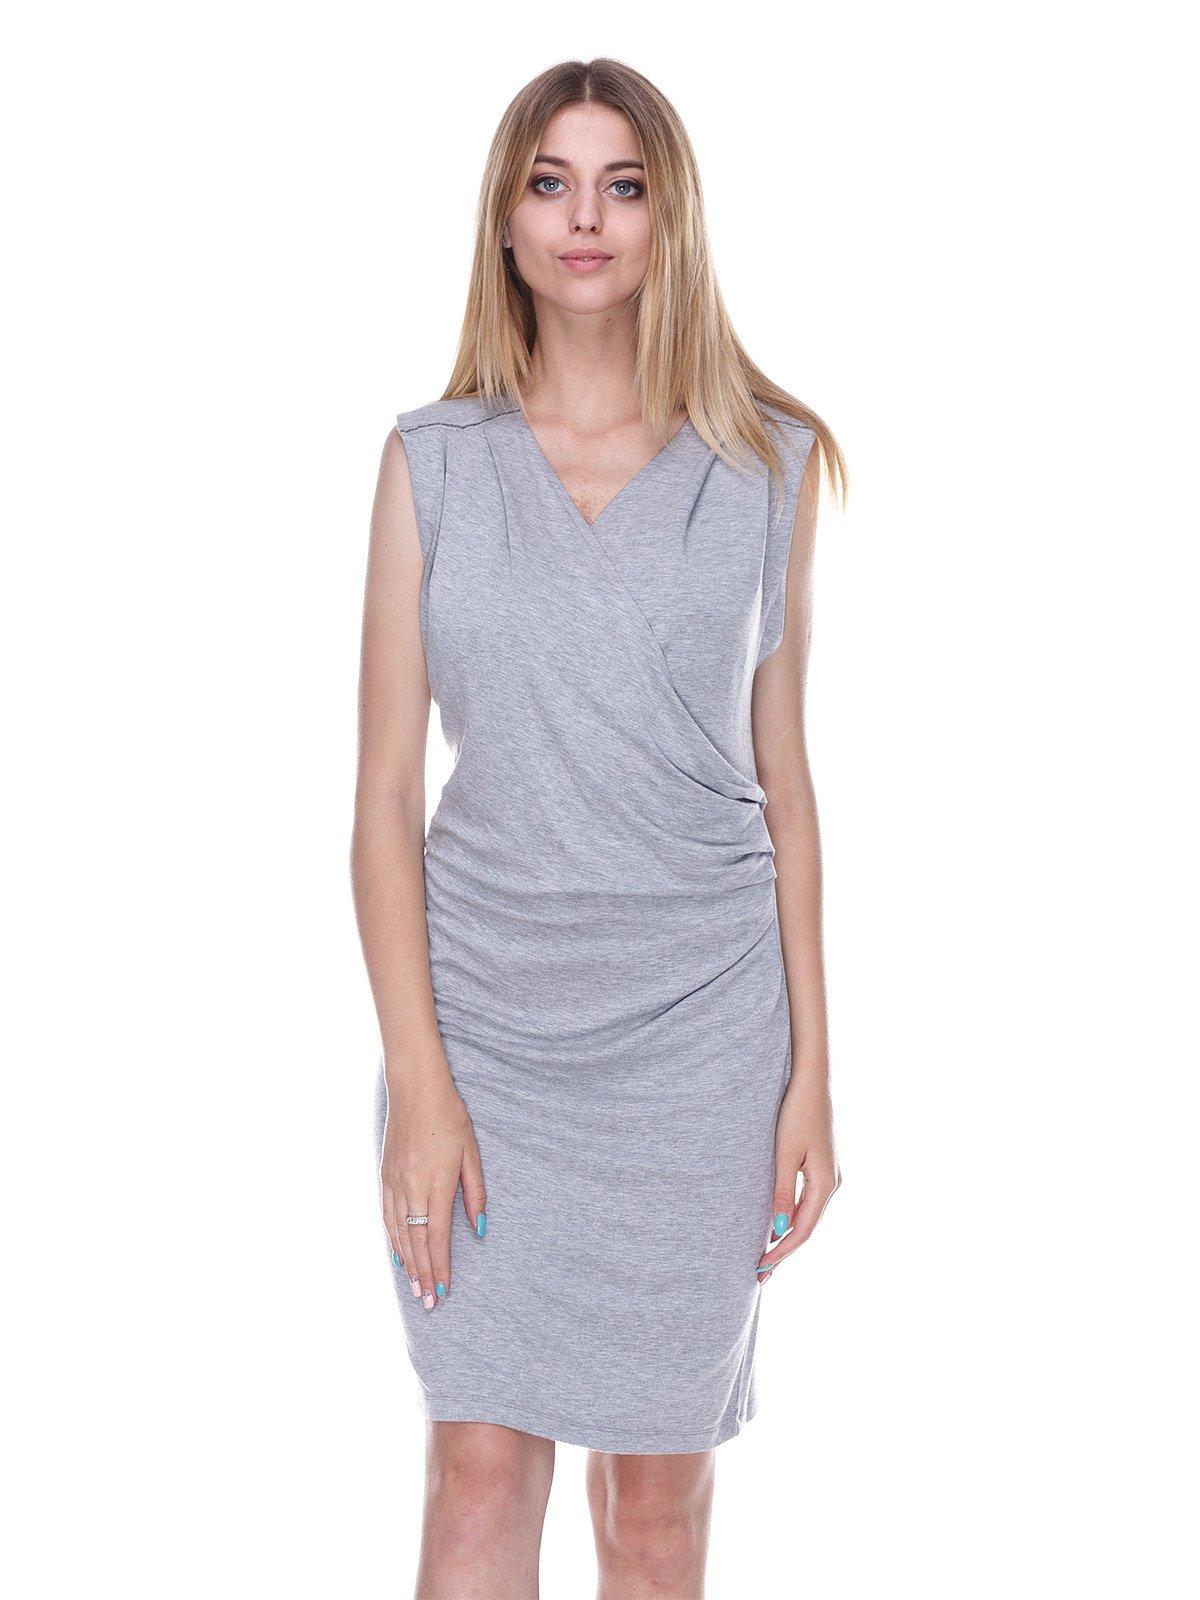 платье серое Julie Brandt акция действует до 31 декабря 2019 года